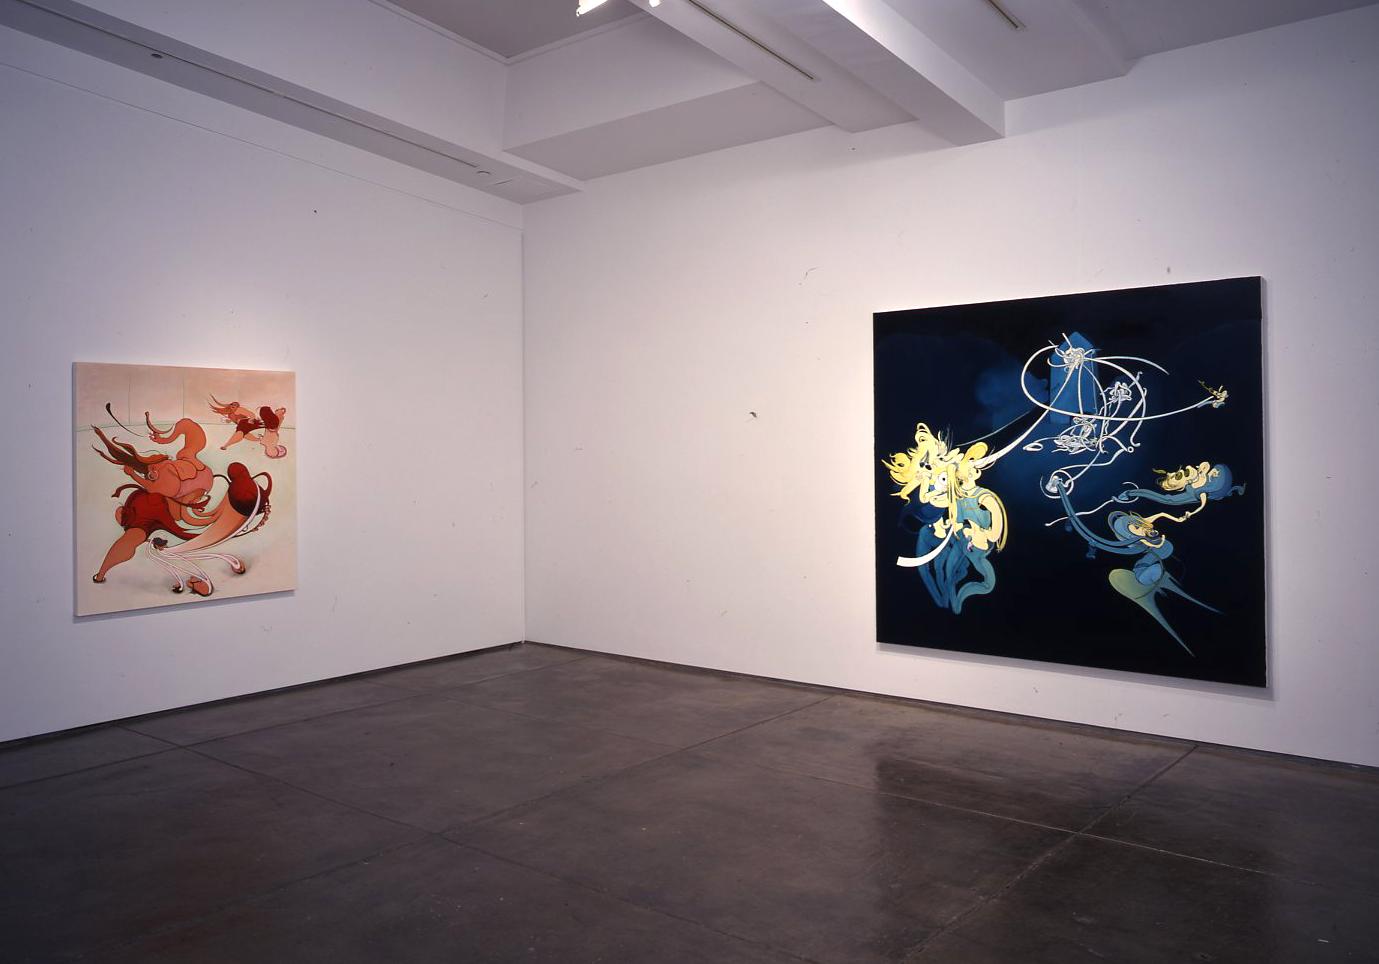 Inka Essenhigh | 303 Gallery